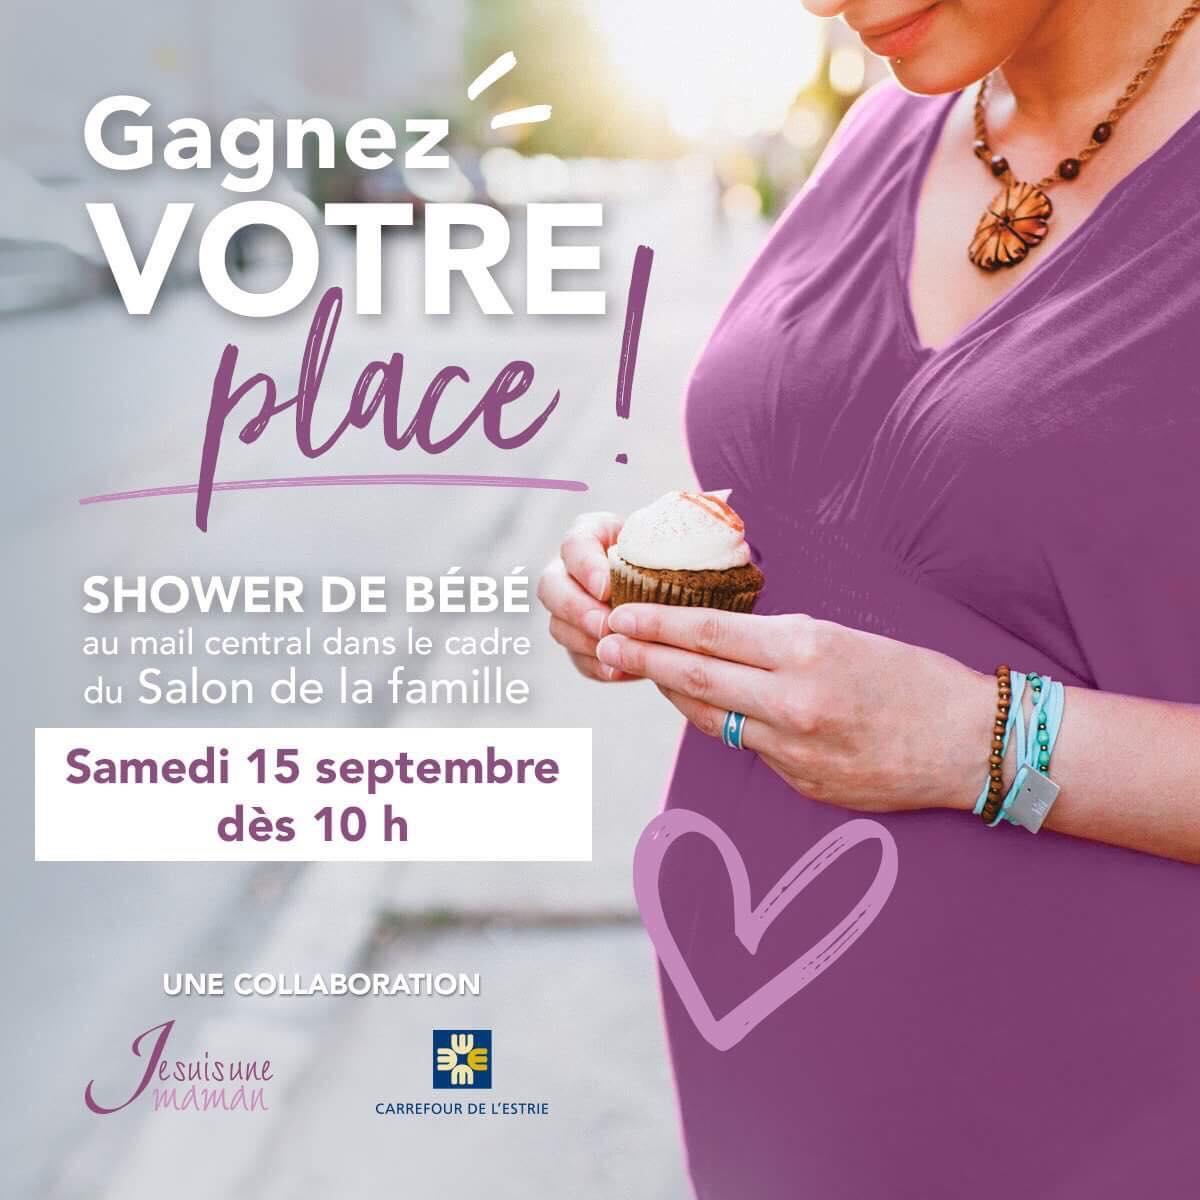 Carte Cadeau Carrefour De Lestrie.Shower De Bebe Au Carrefour De L Estrie Gagnez Votre Place